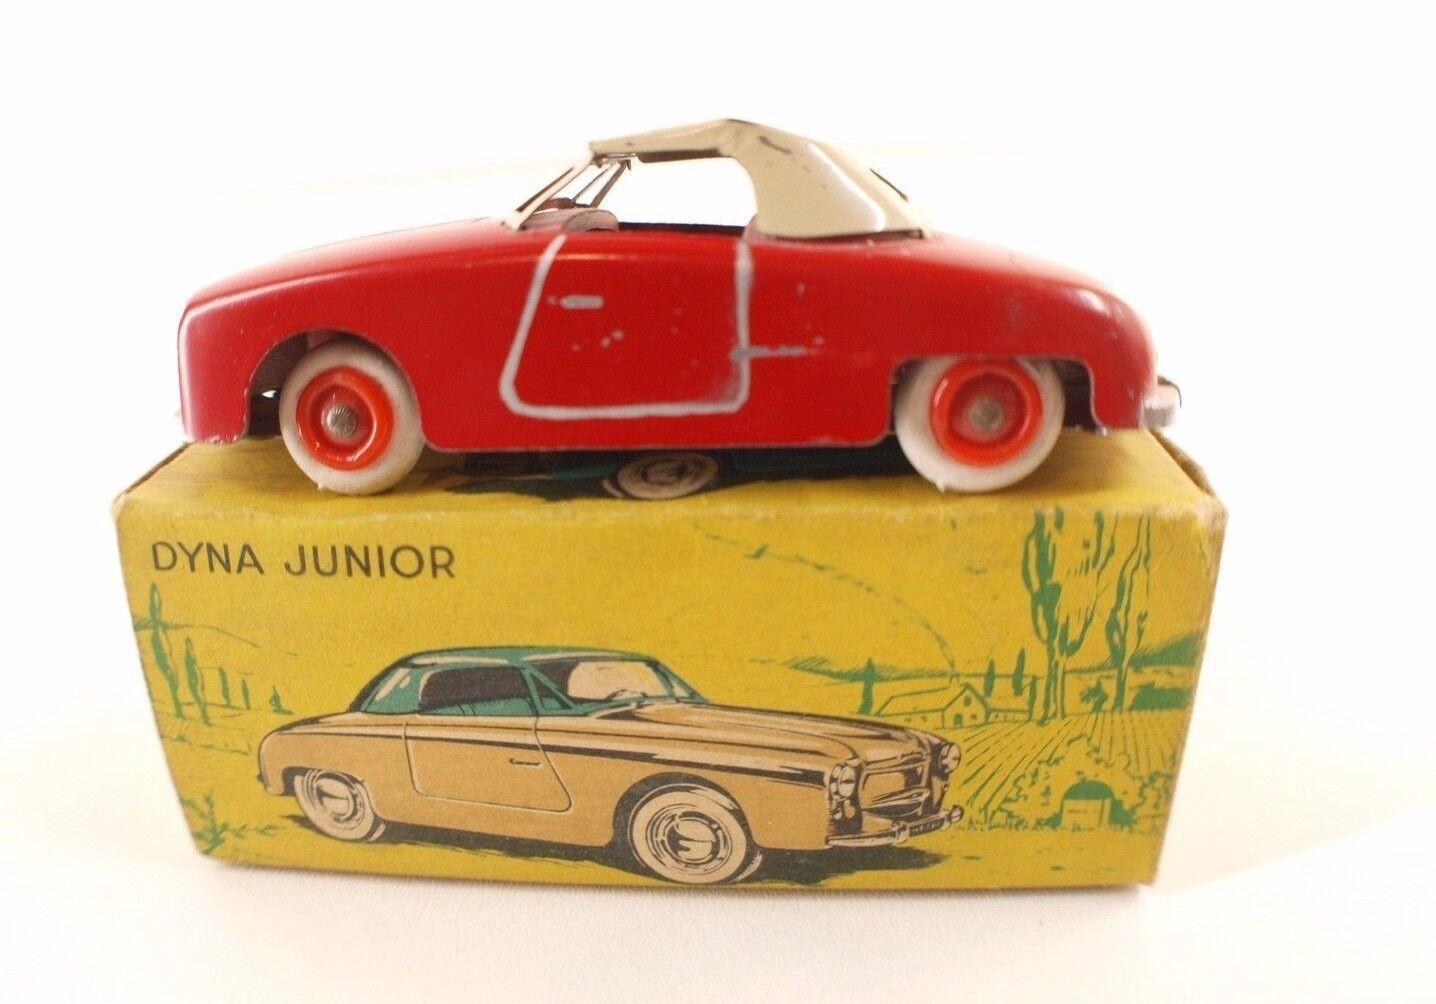 Cij France 3 5 Dyna Junior 1953 in Box